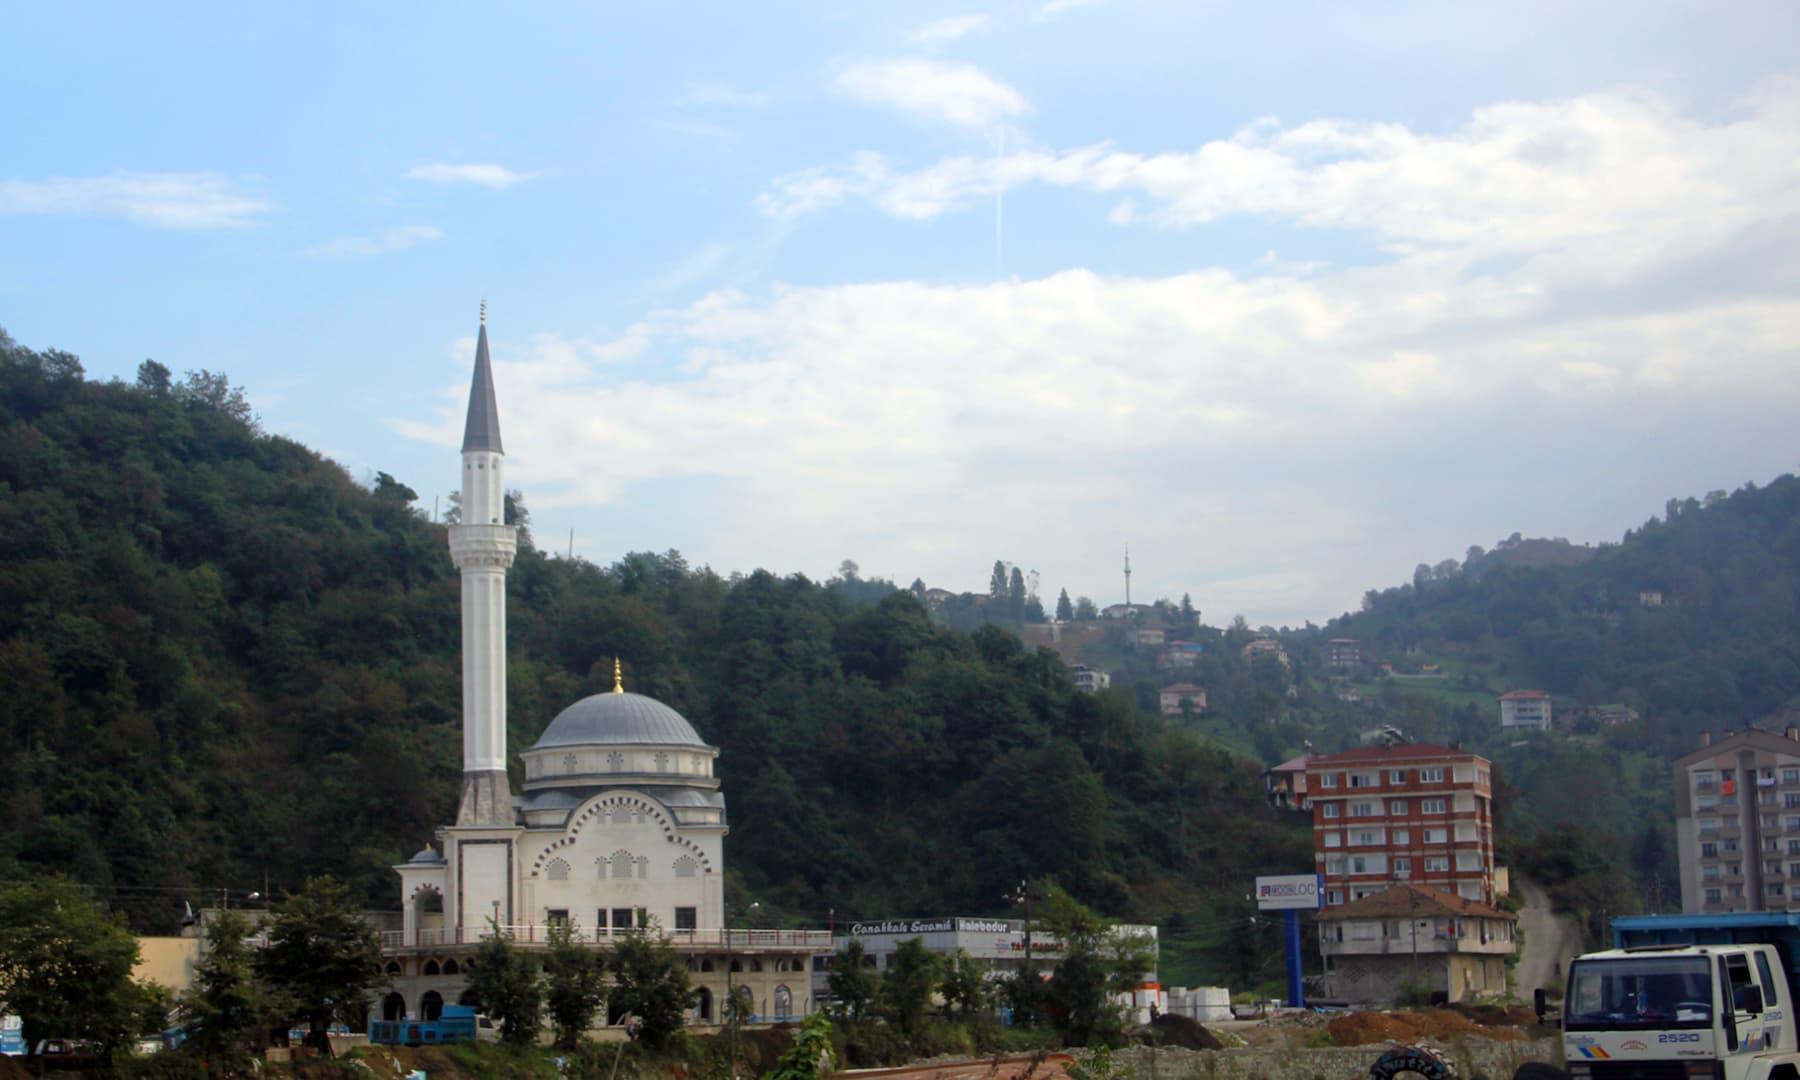 اُذن گول جھیل کے ساتھ واقع مسجد—تصویر عبیداللہ کیہر